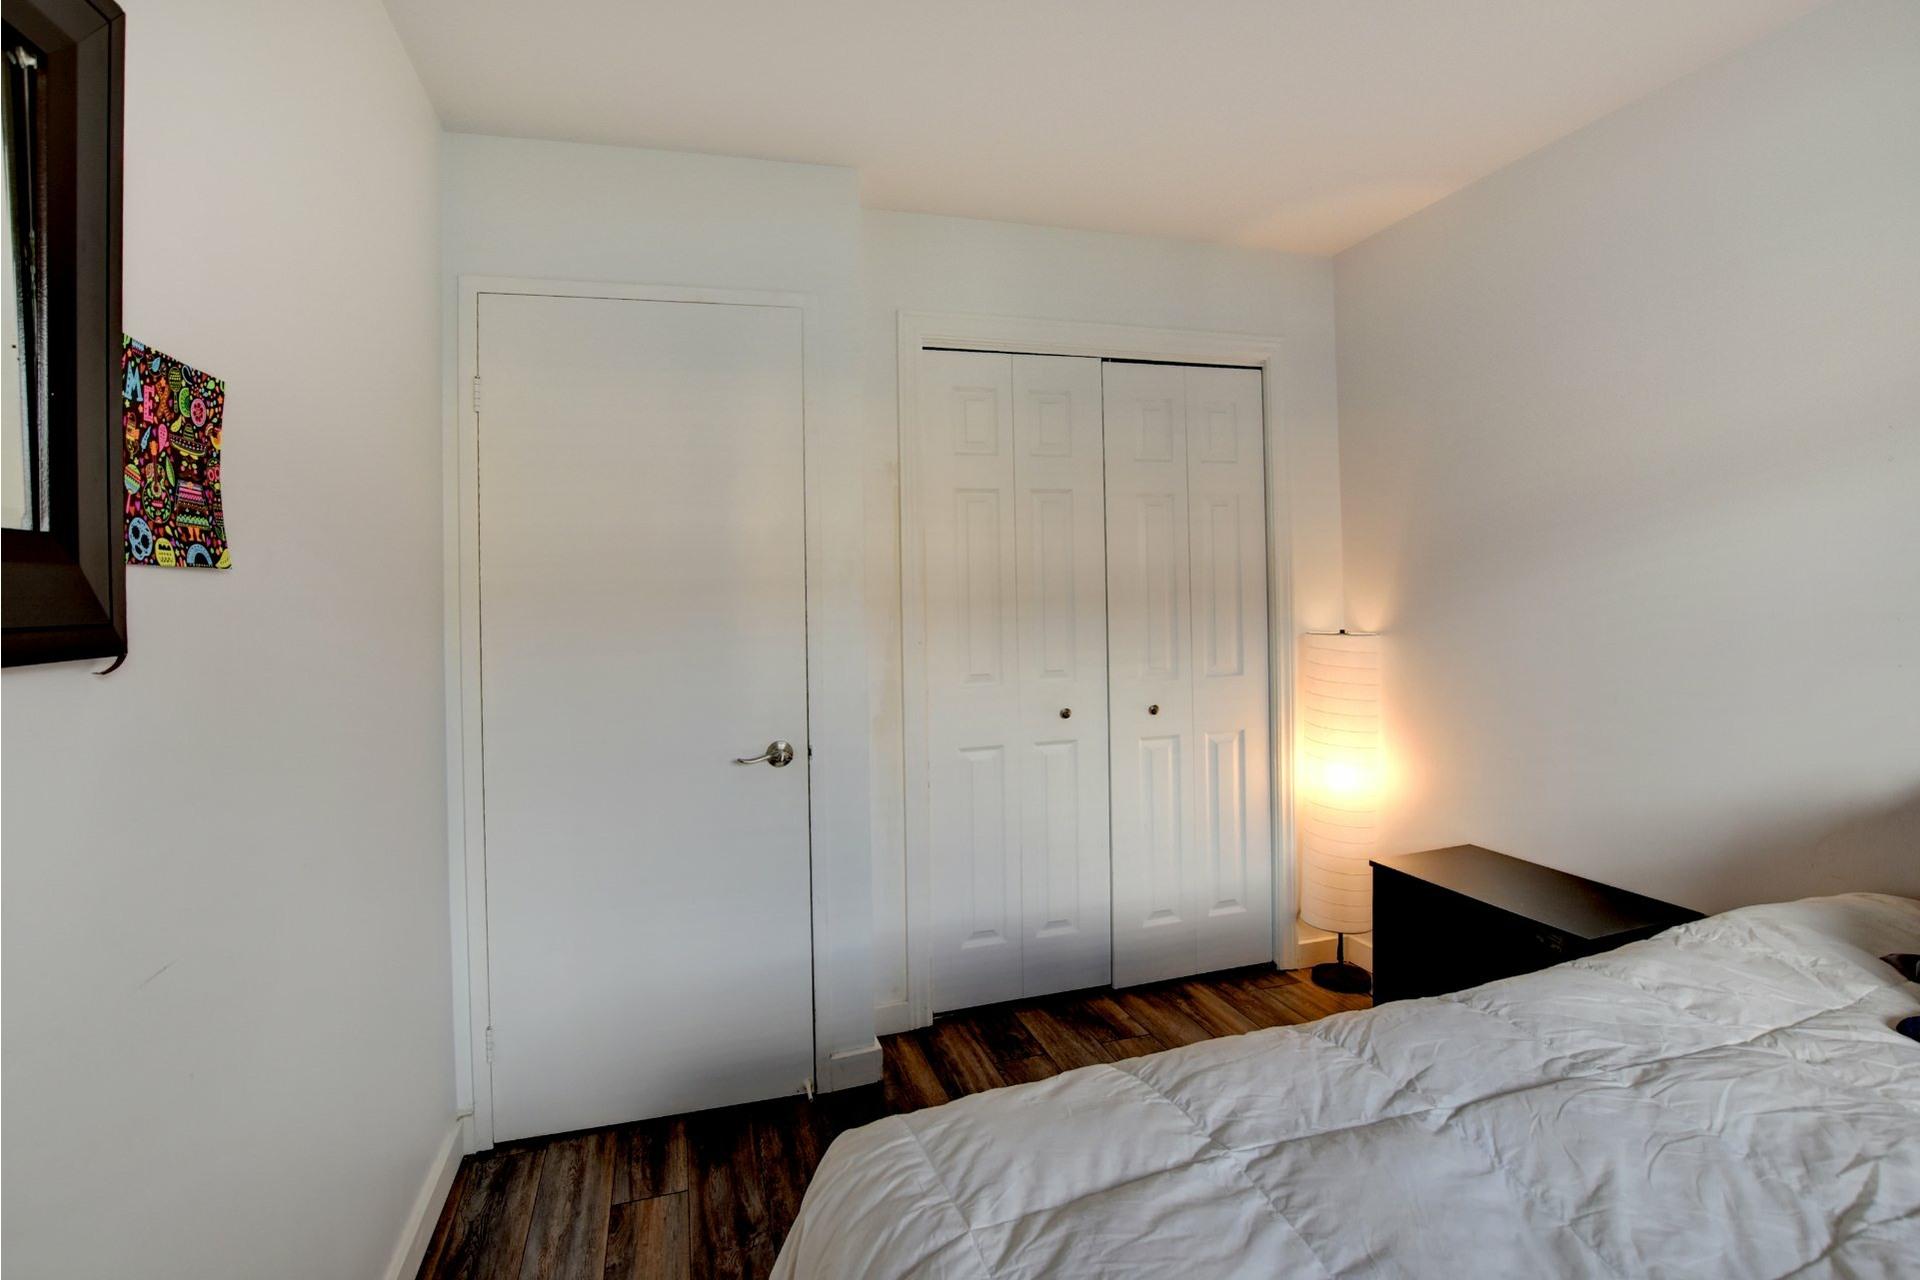 image 13 - Appartement À vendre Rivière-des-Prairies/Pointe-aux-Trembles Montréal  - 6 pièces